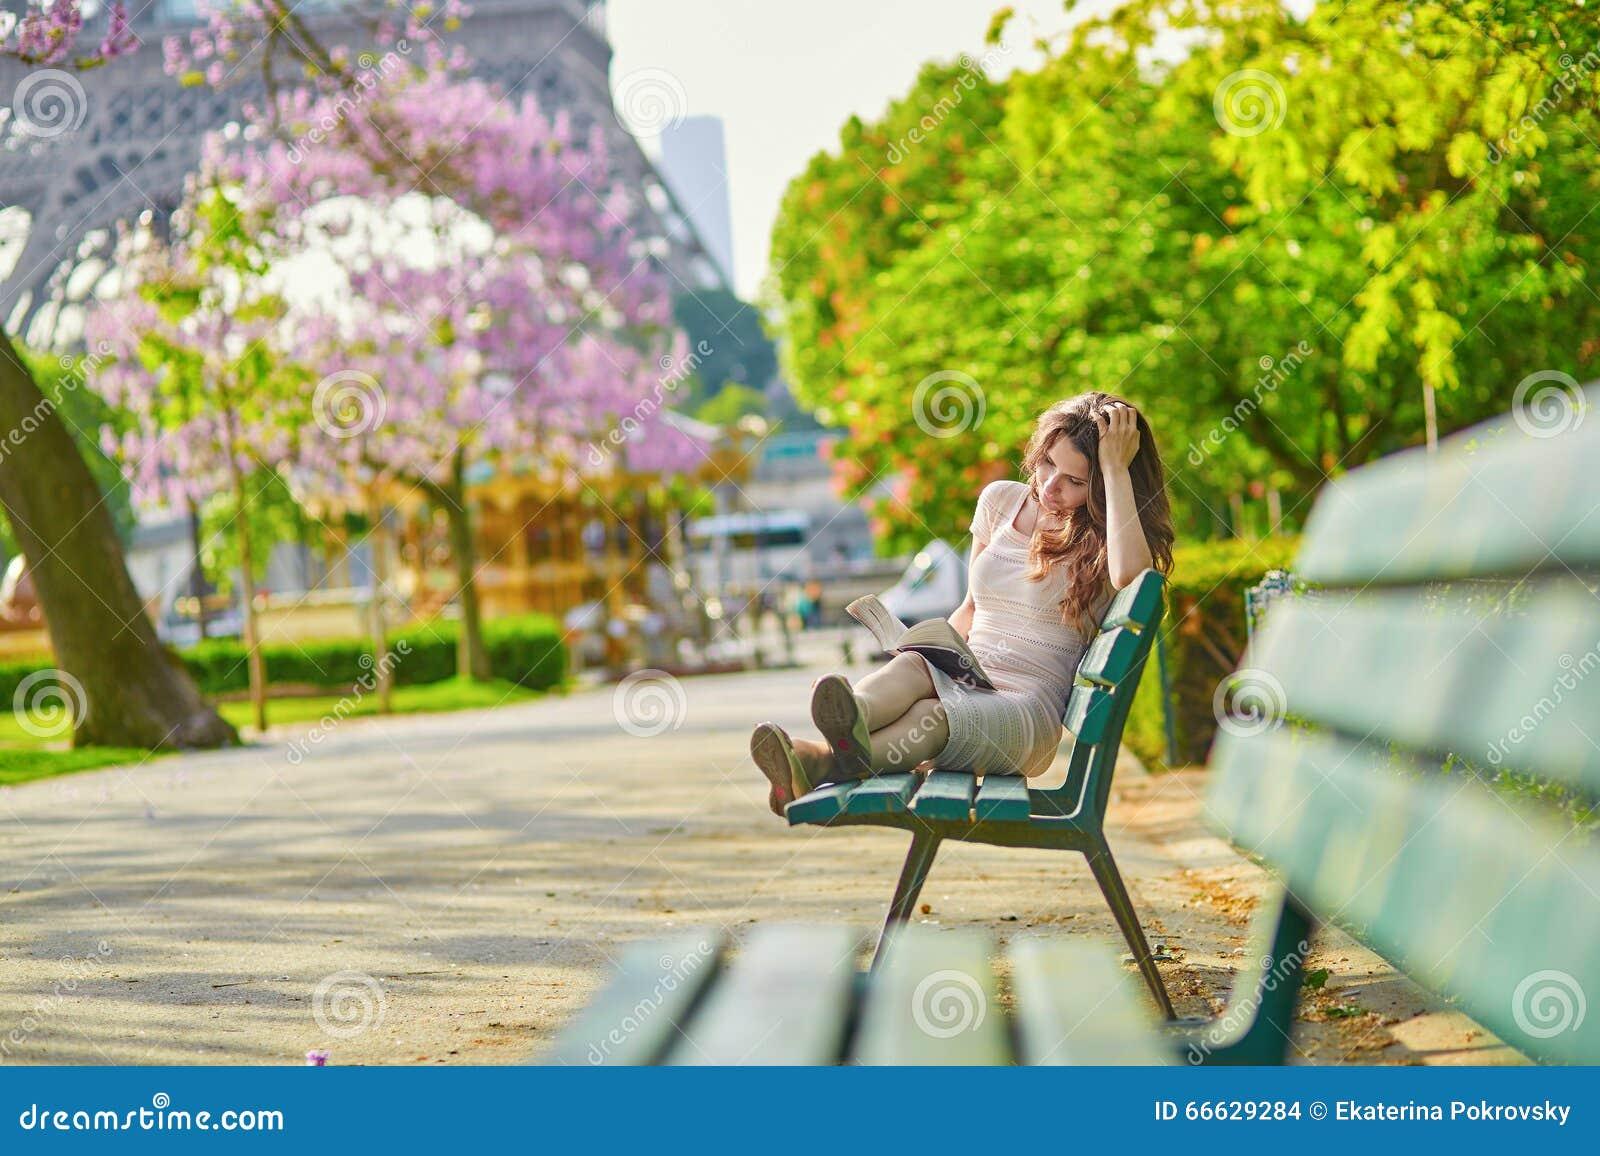 巴黎读书的美丽的少妇在户外长凳